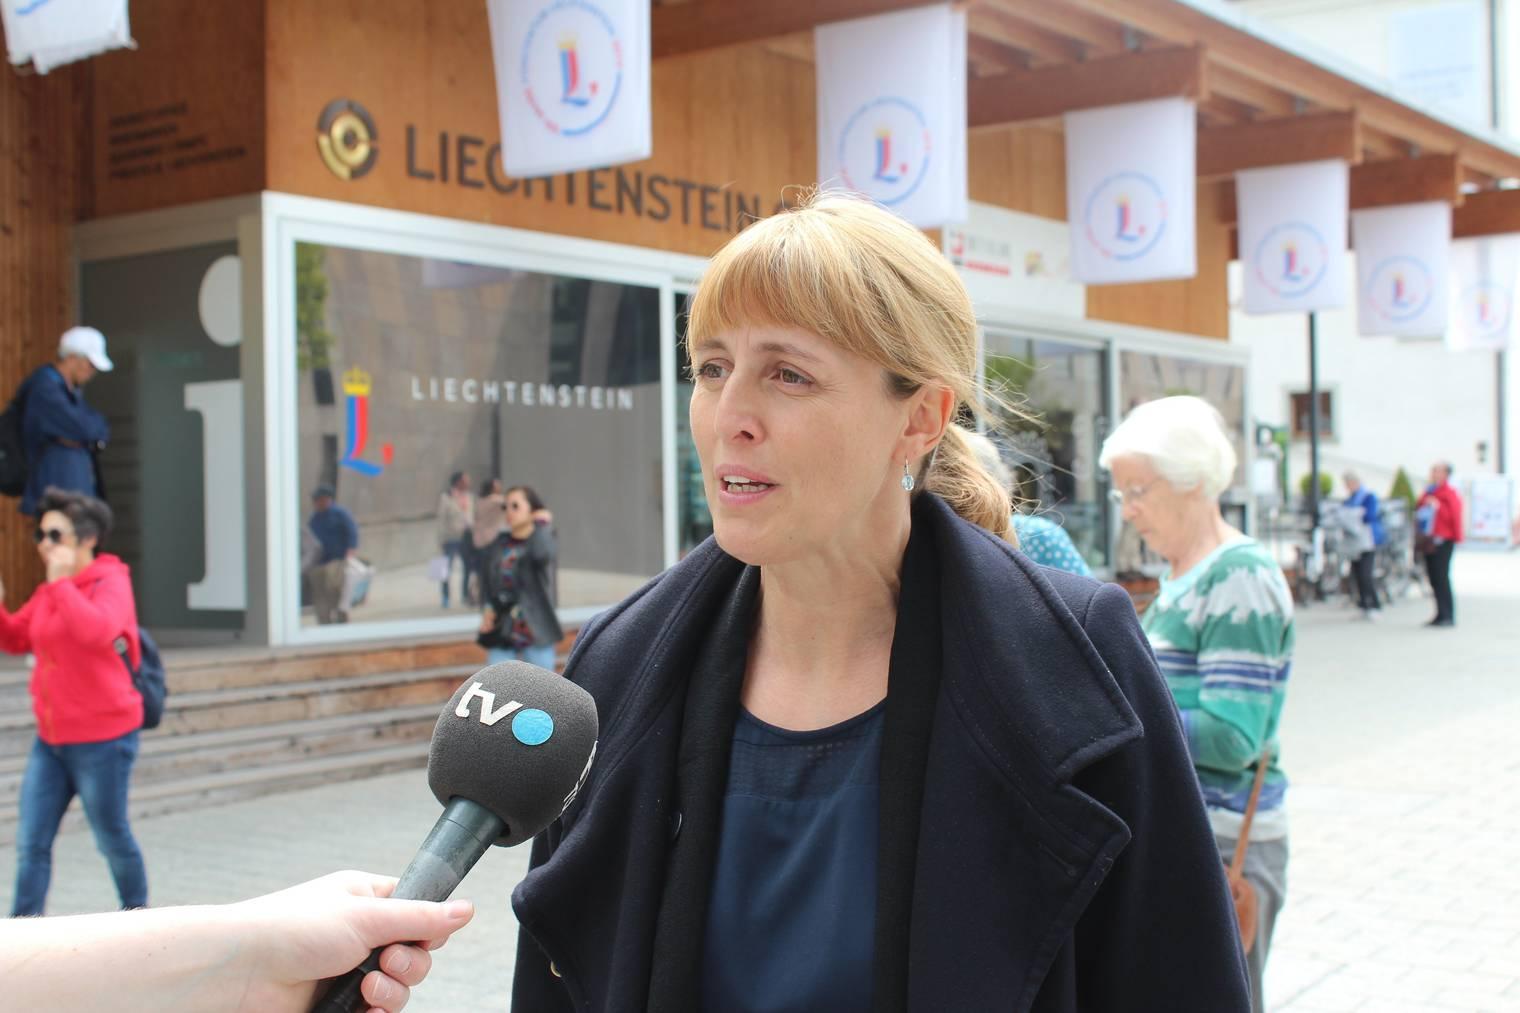 Michelle Kranz, Geschäftsführerin von Liechtenstein Marketing, freut sich über die Gäste. (Bild: FM1Today/Marc Hanimann)